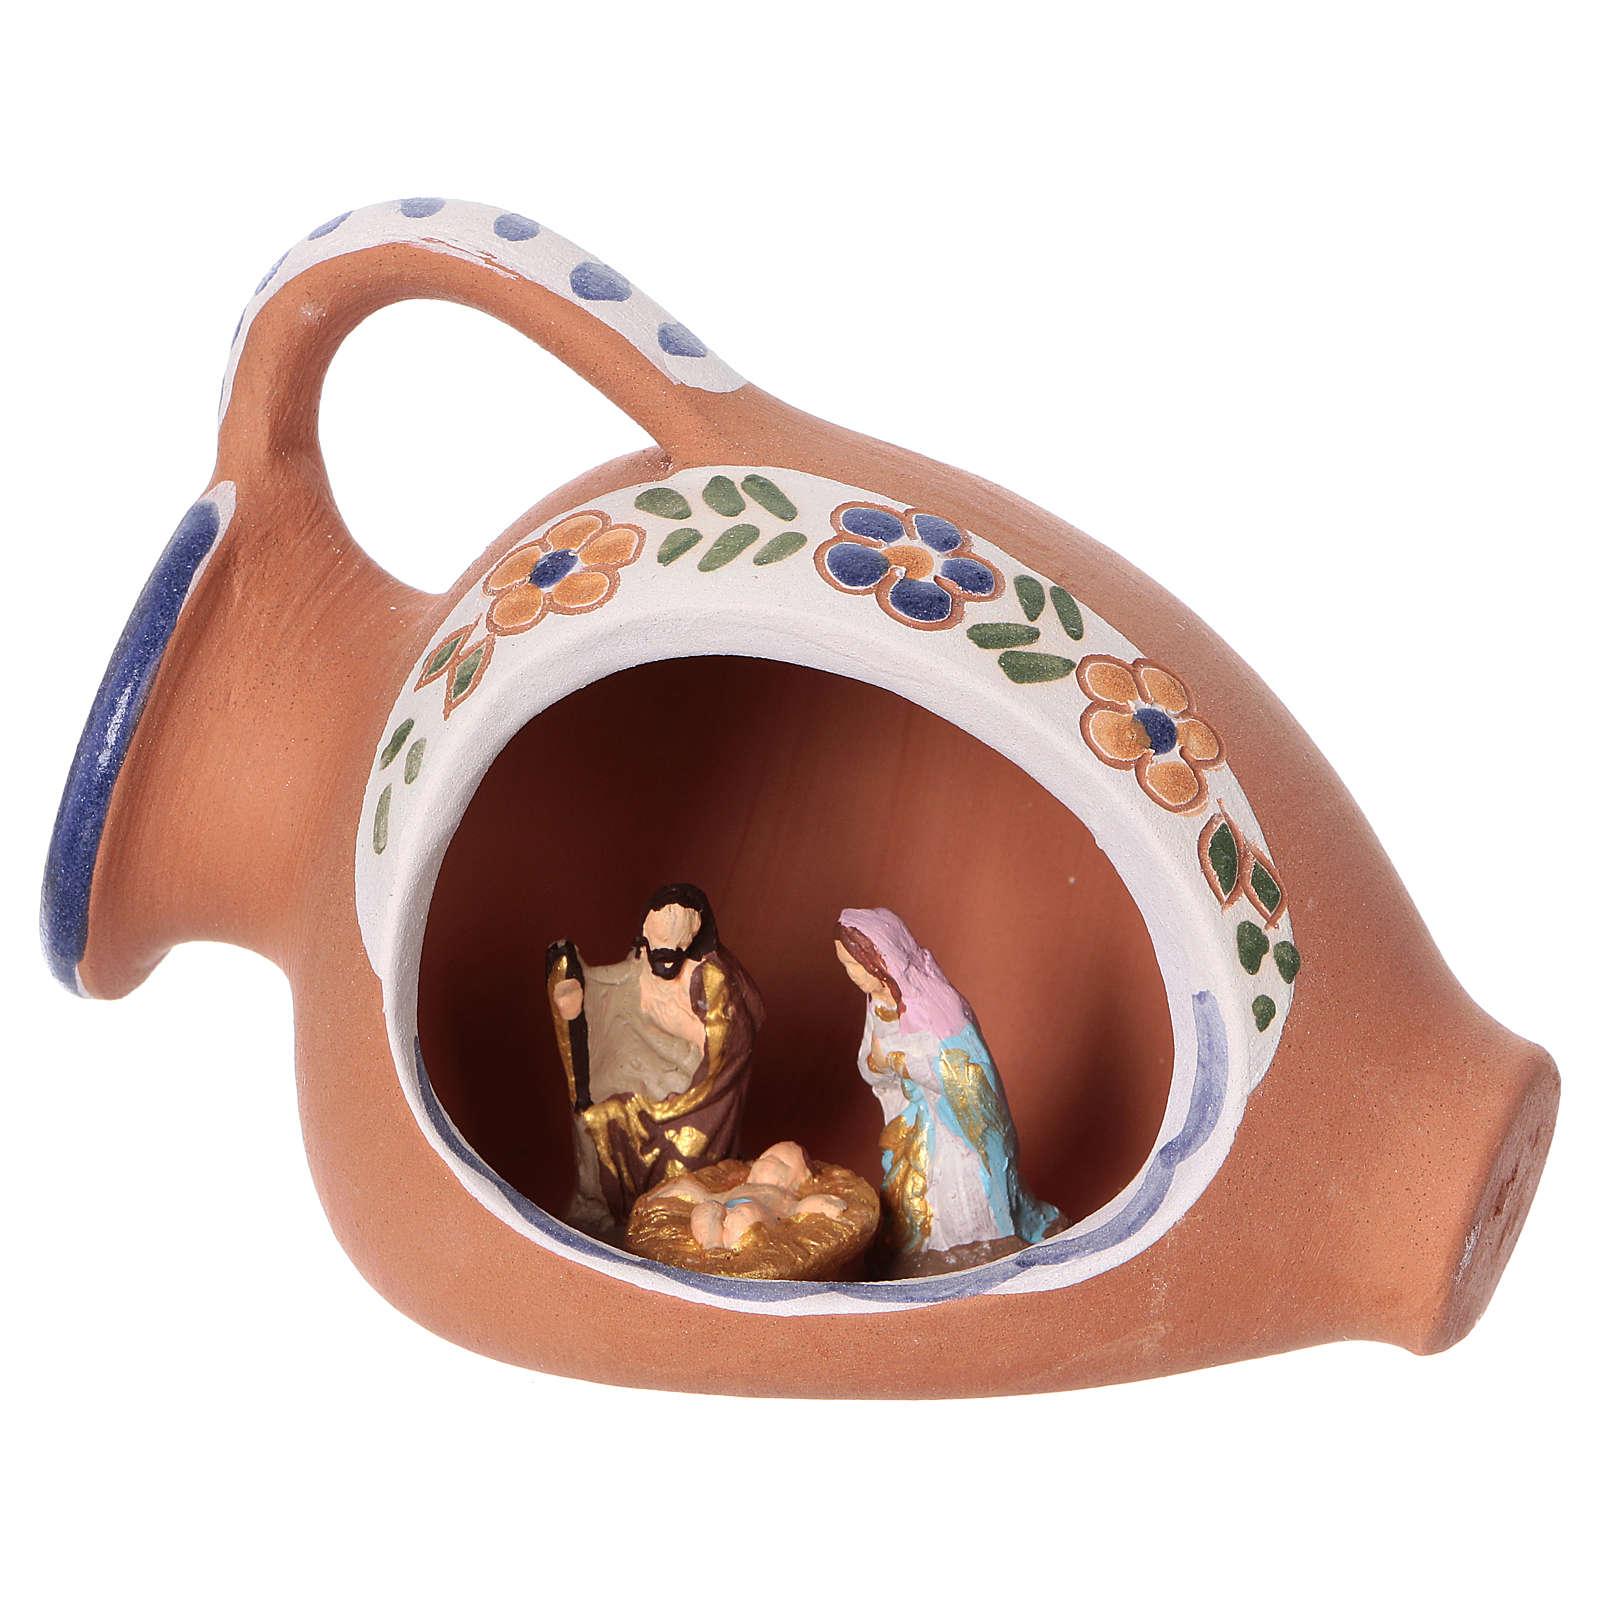 Natività 2 cm dentro anfora 10x10x5 cm in ceramica Deruta con decorazioni blu 4